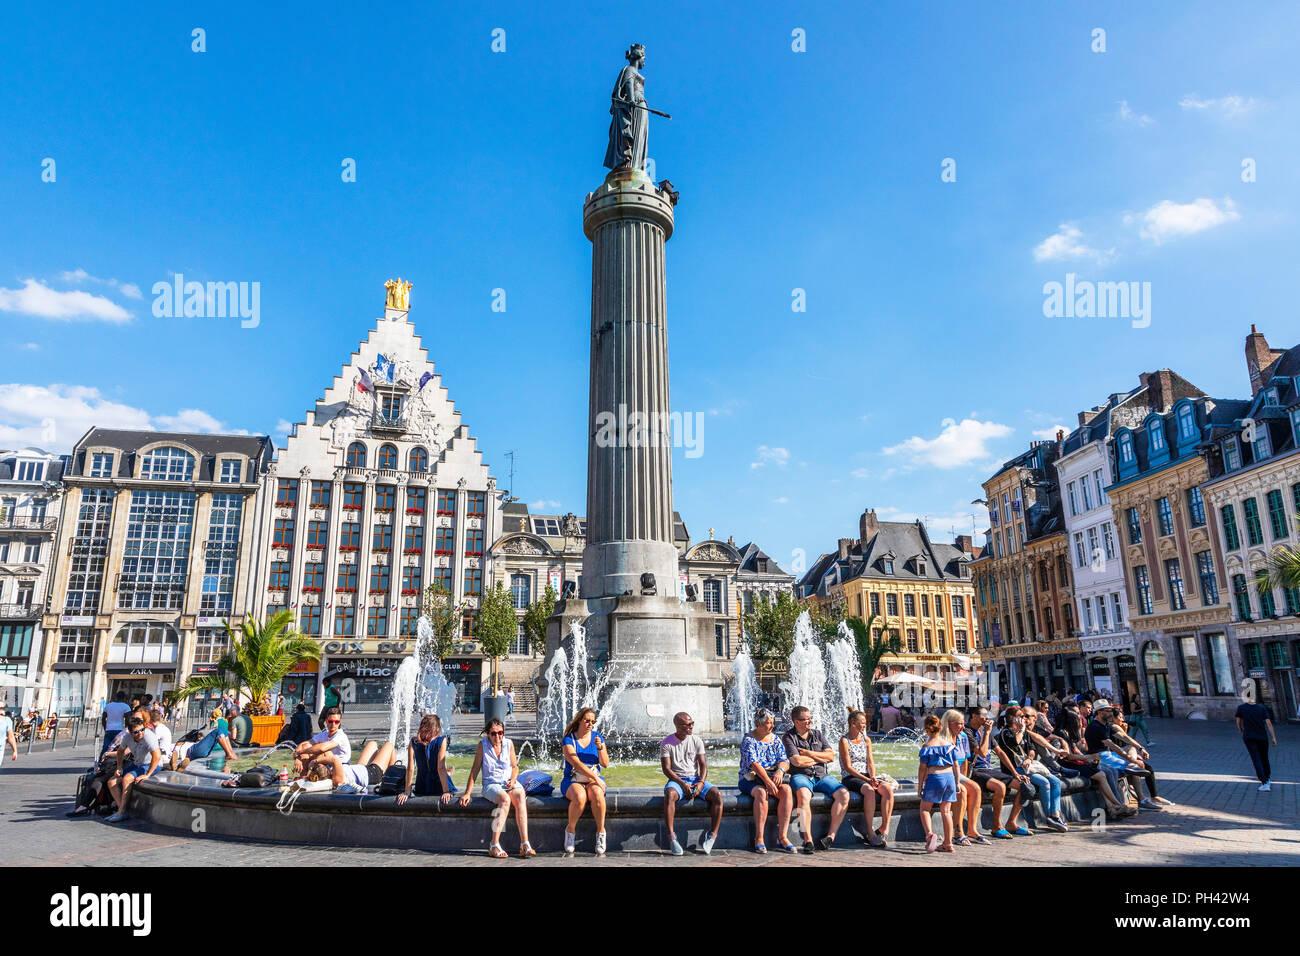 Place du Général de Gaulle con la columna de los godess, Lille, Francia. La columna, conocida como La Colonne de la Deese es un monumento a los héroes locales Imagen De Stock